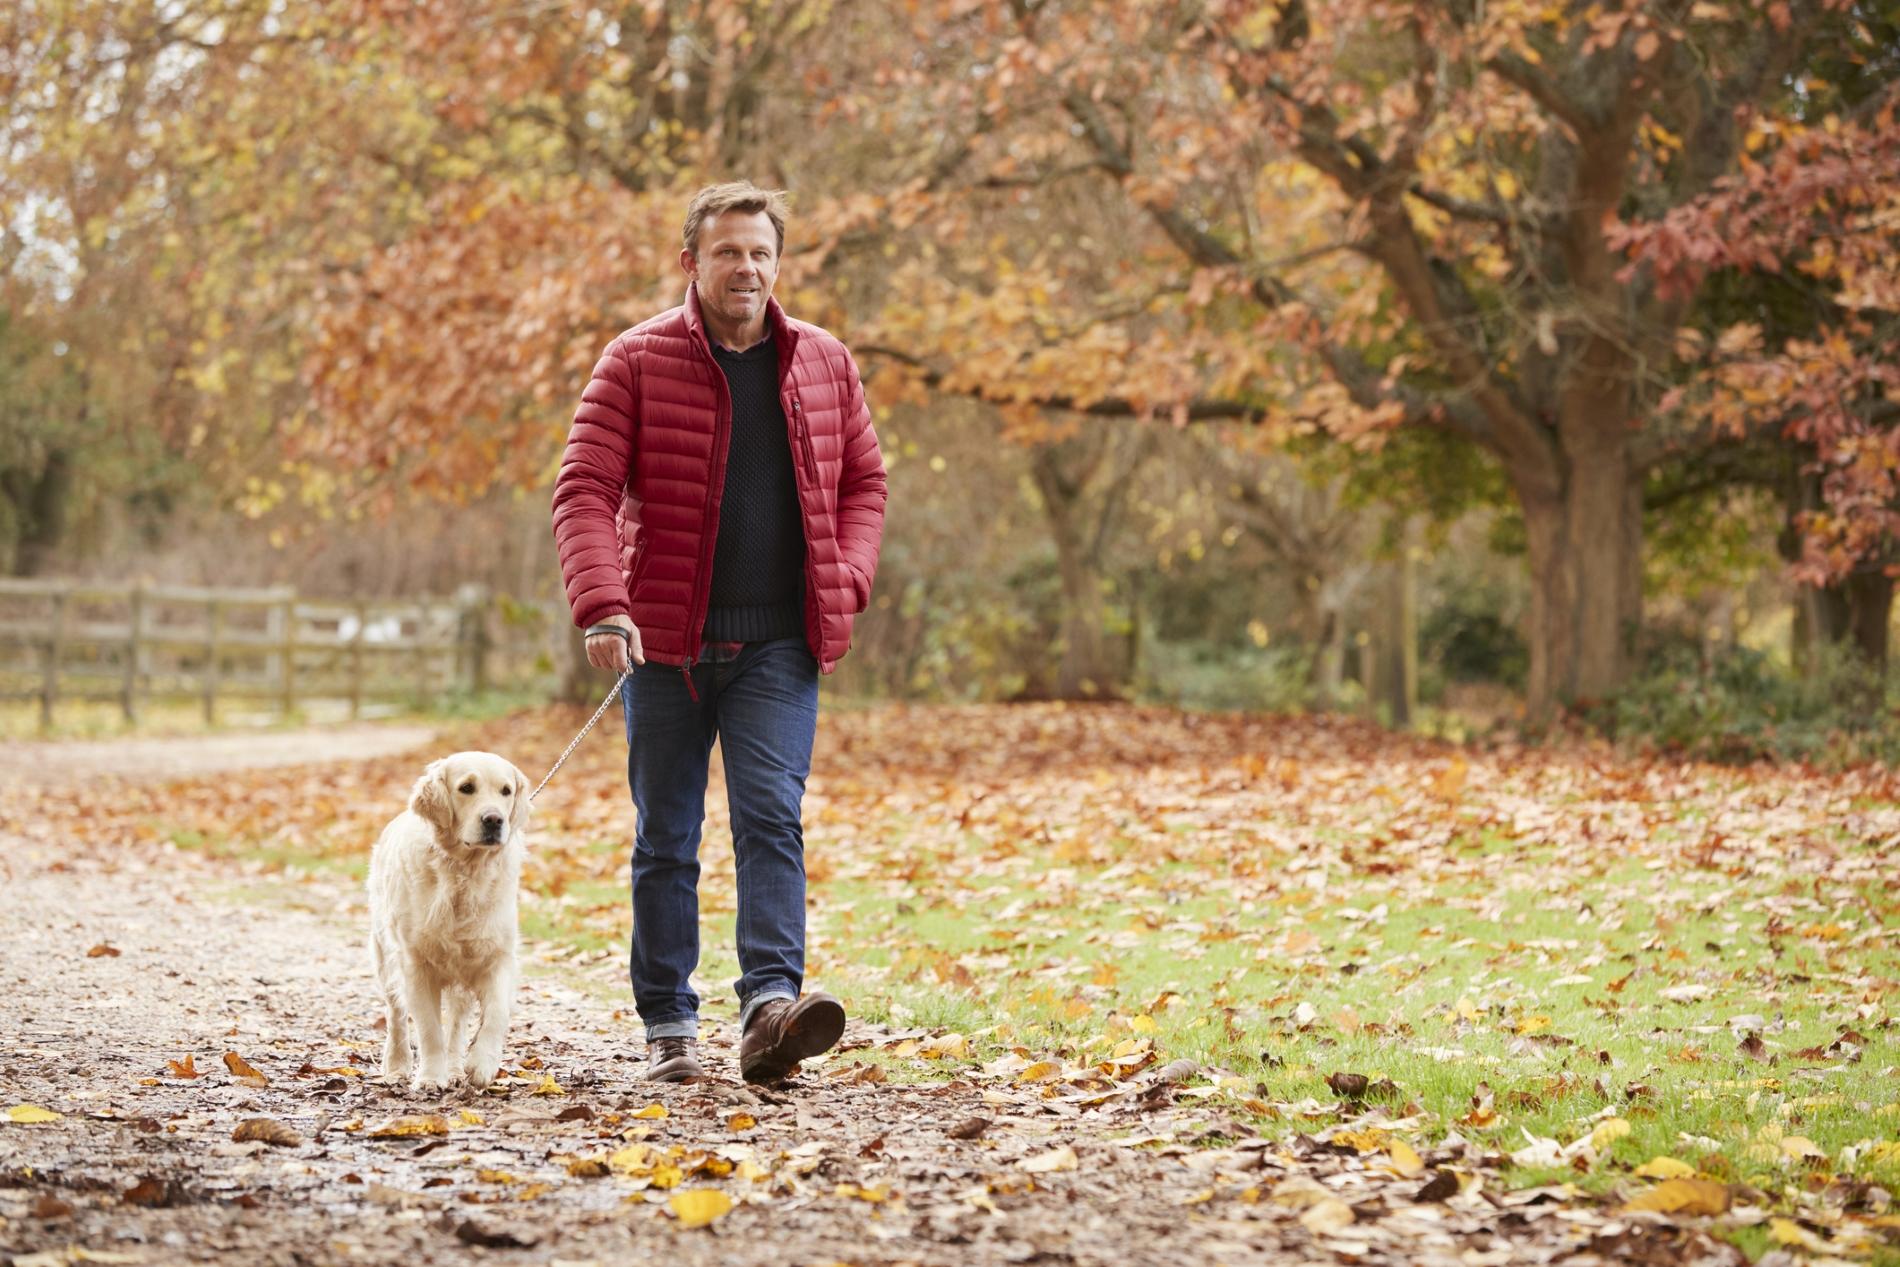 Едва ли ще ви шокираме като кажем, че мъжете с кучета са сред най-предпочитаните партньори. Защо? Ами, кучето е един дългосрочен ангажимент и дамите виждат, че това е човек, който може да поема отговорности.